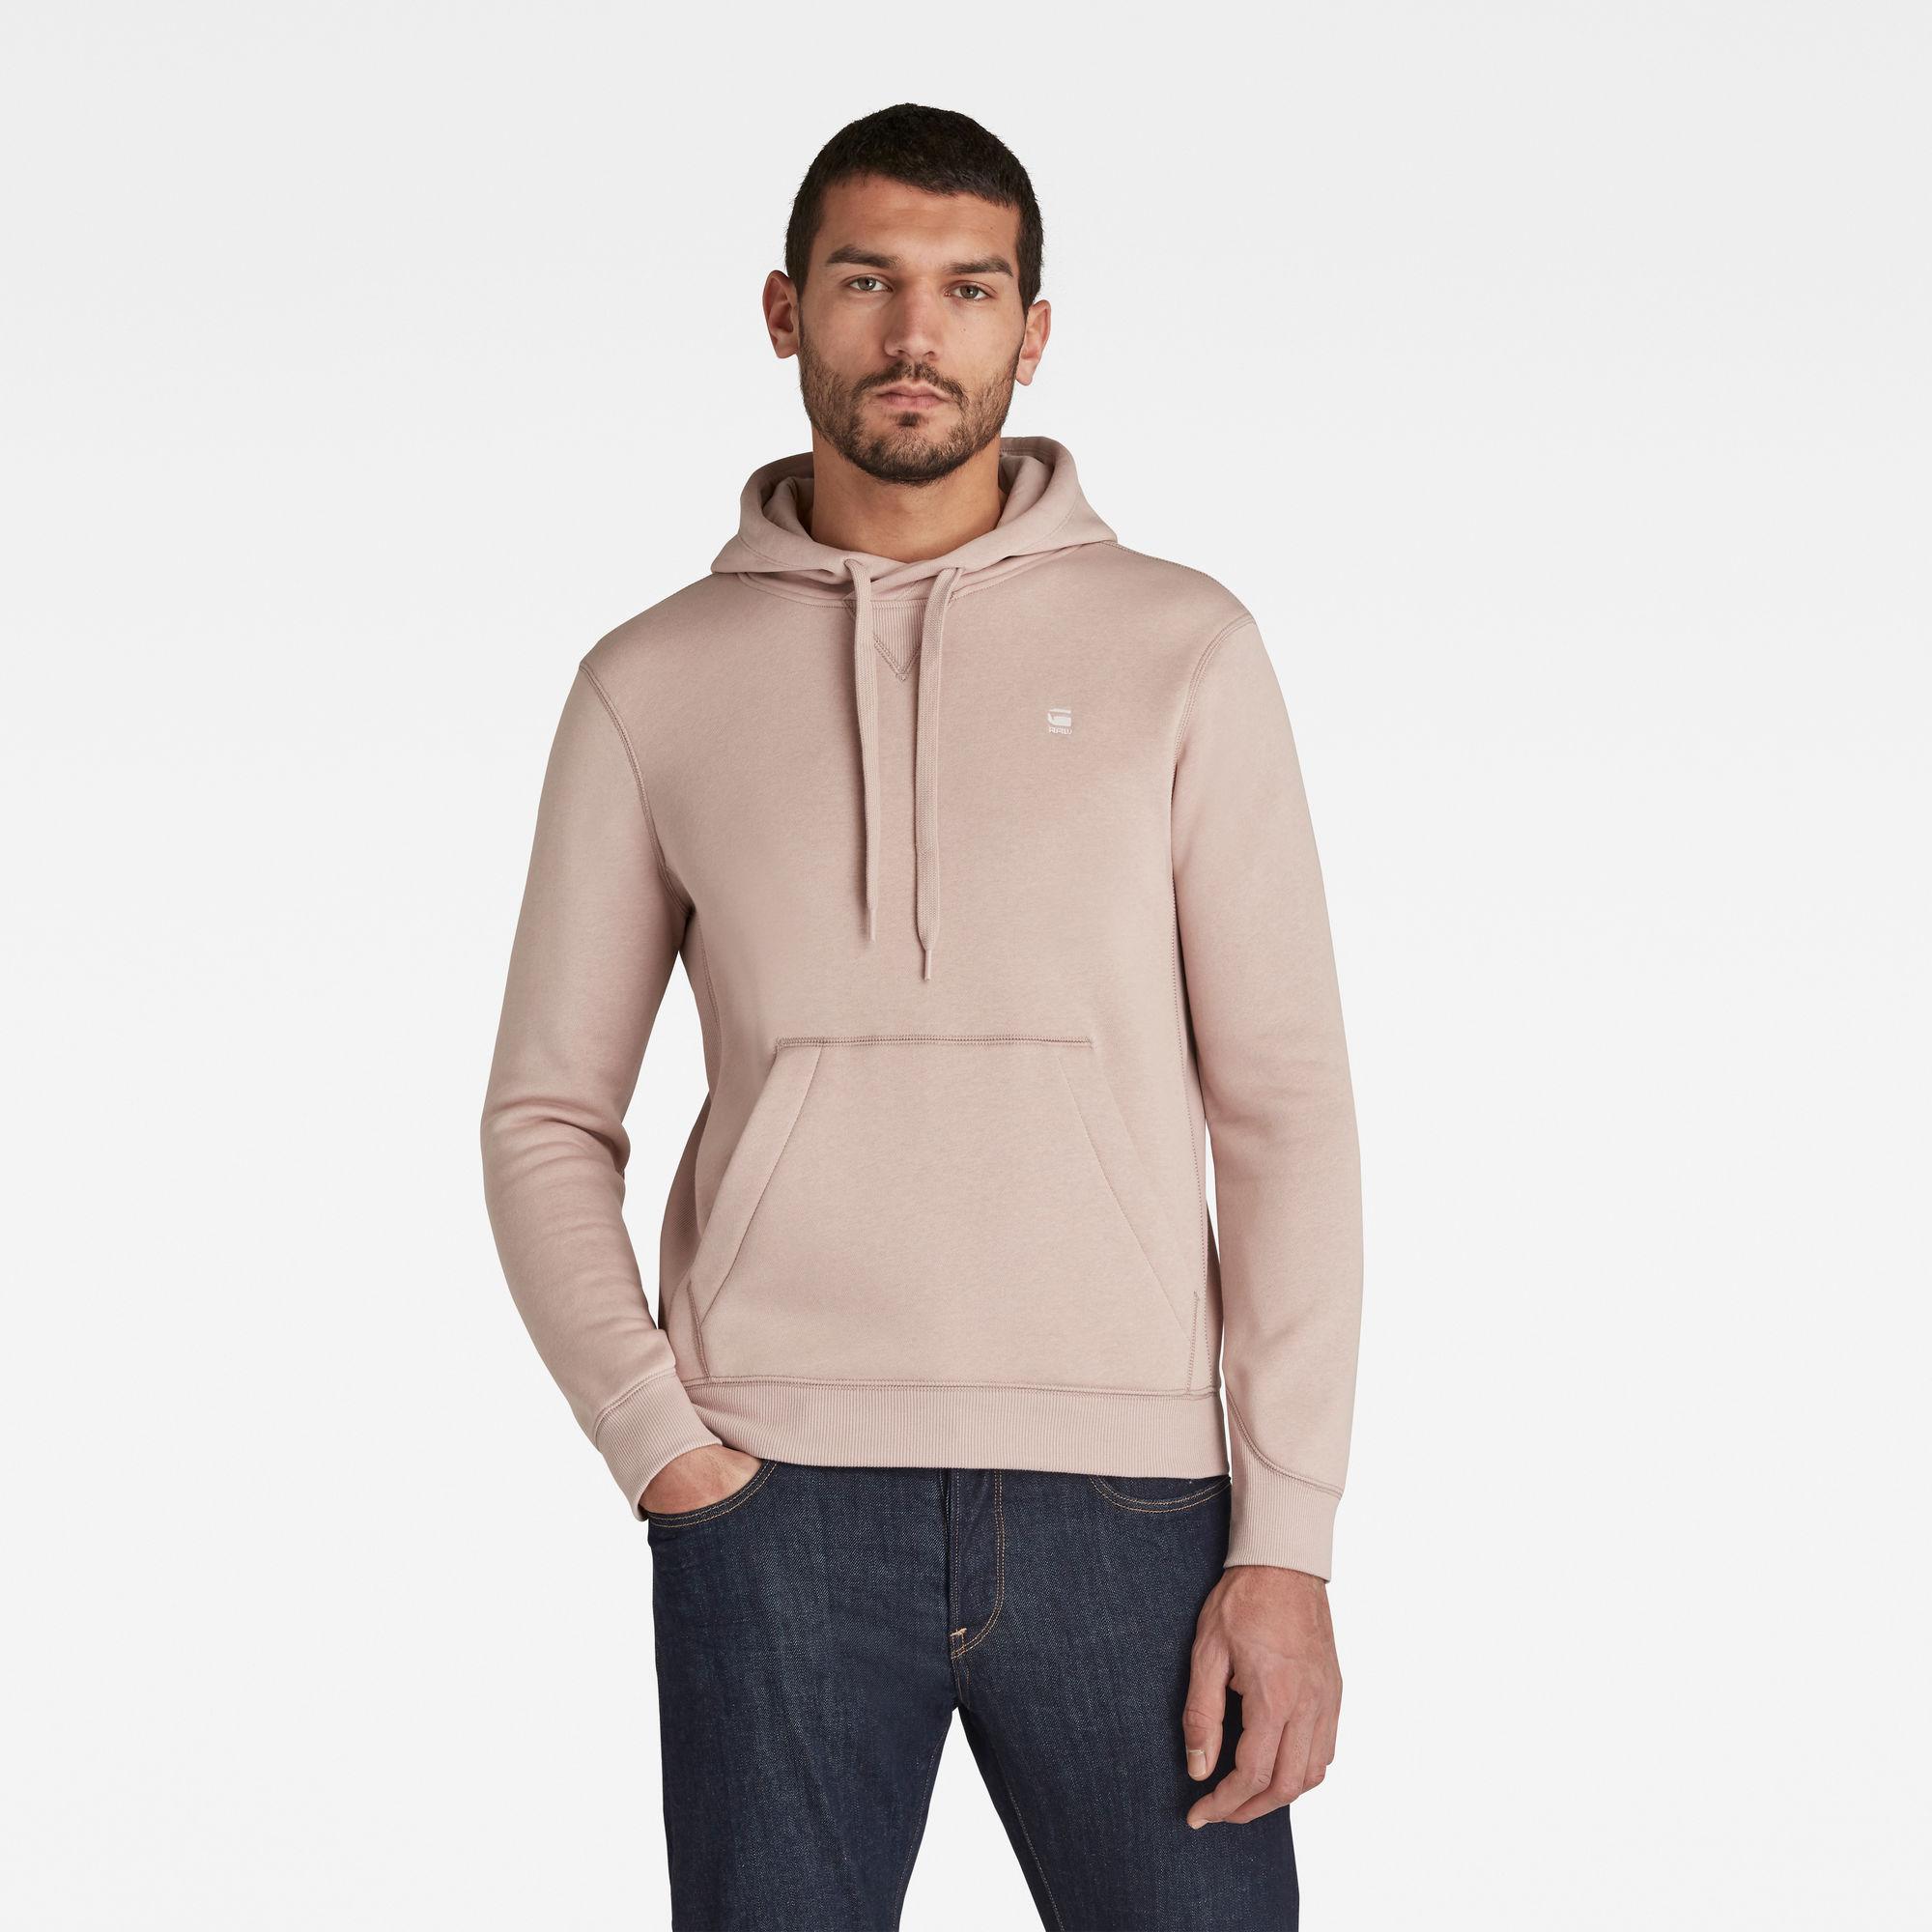 G-Star RAW Heren Premium Core Hooded Sweater Roze